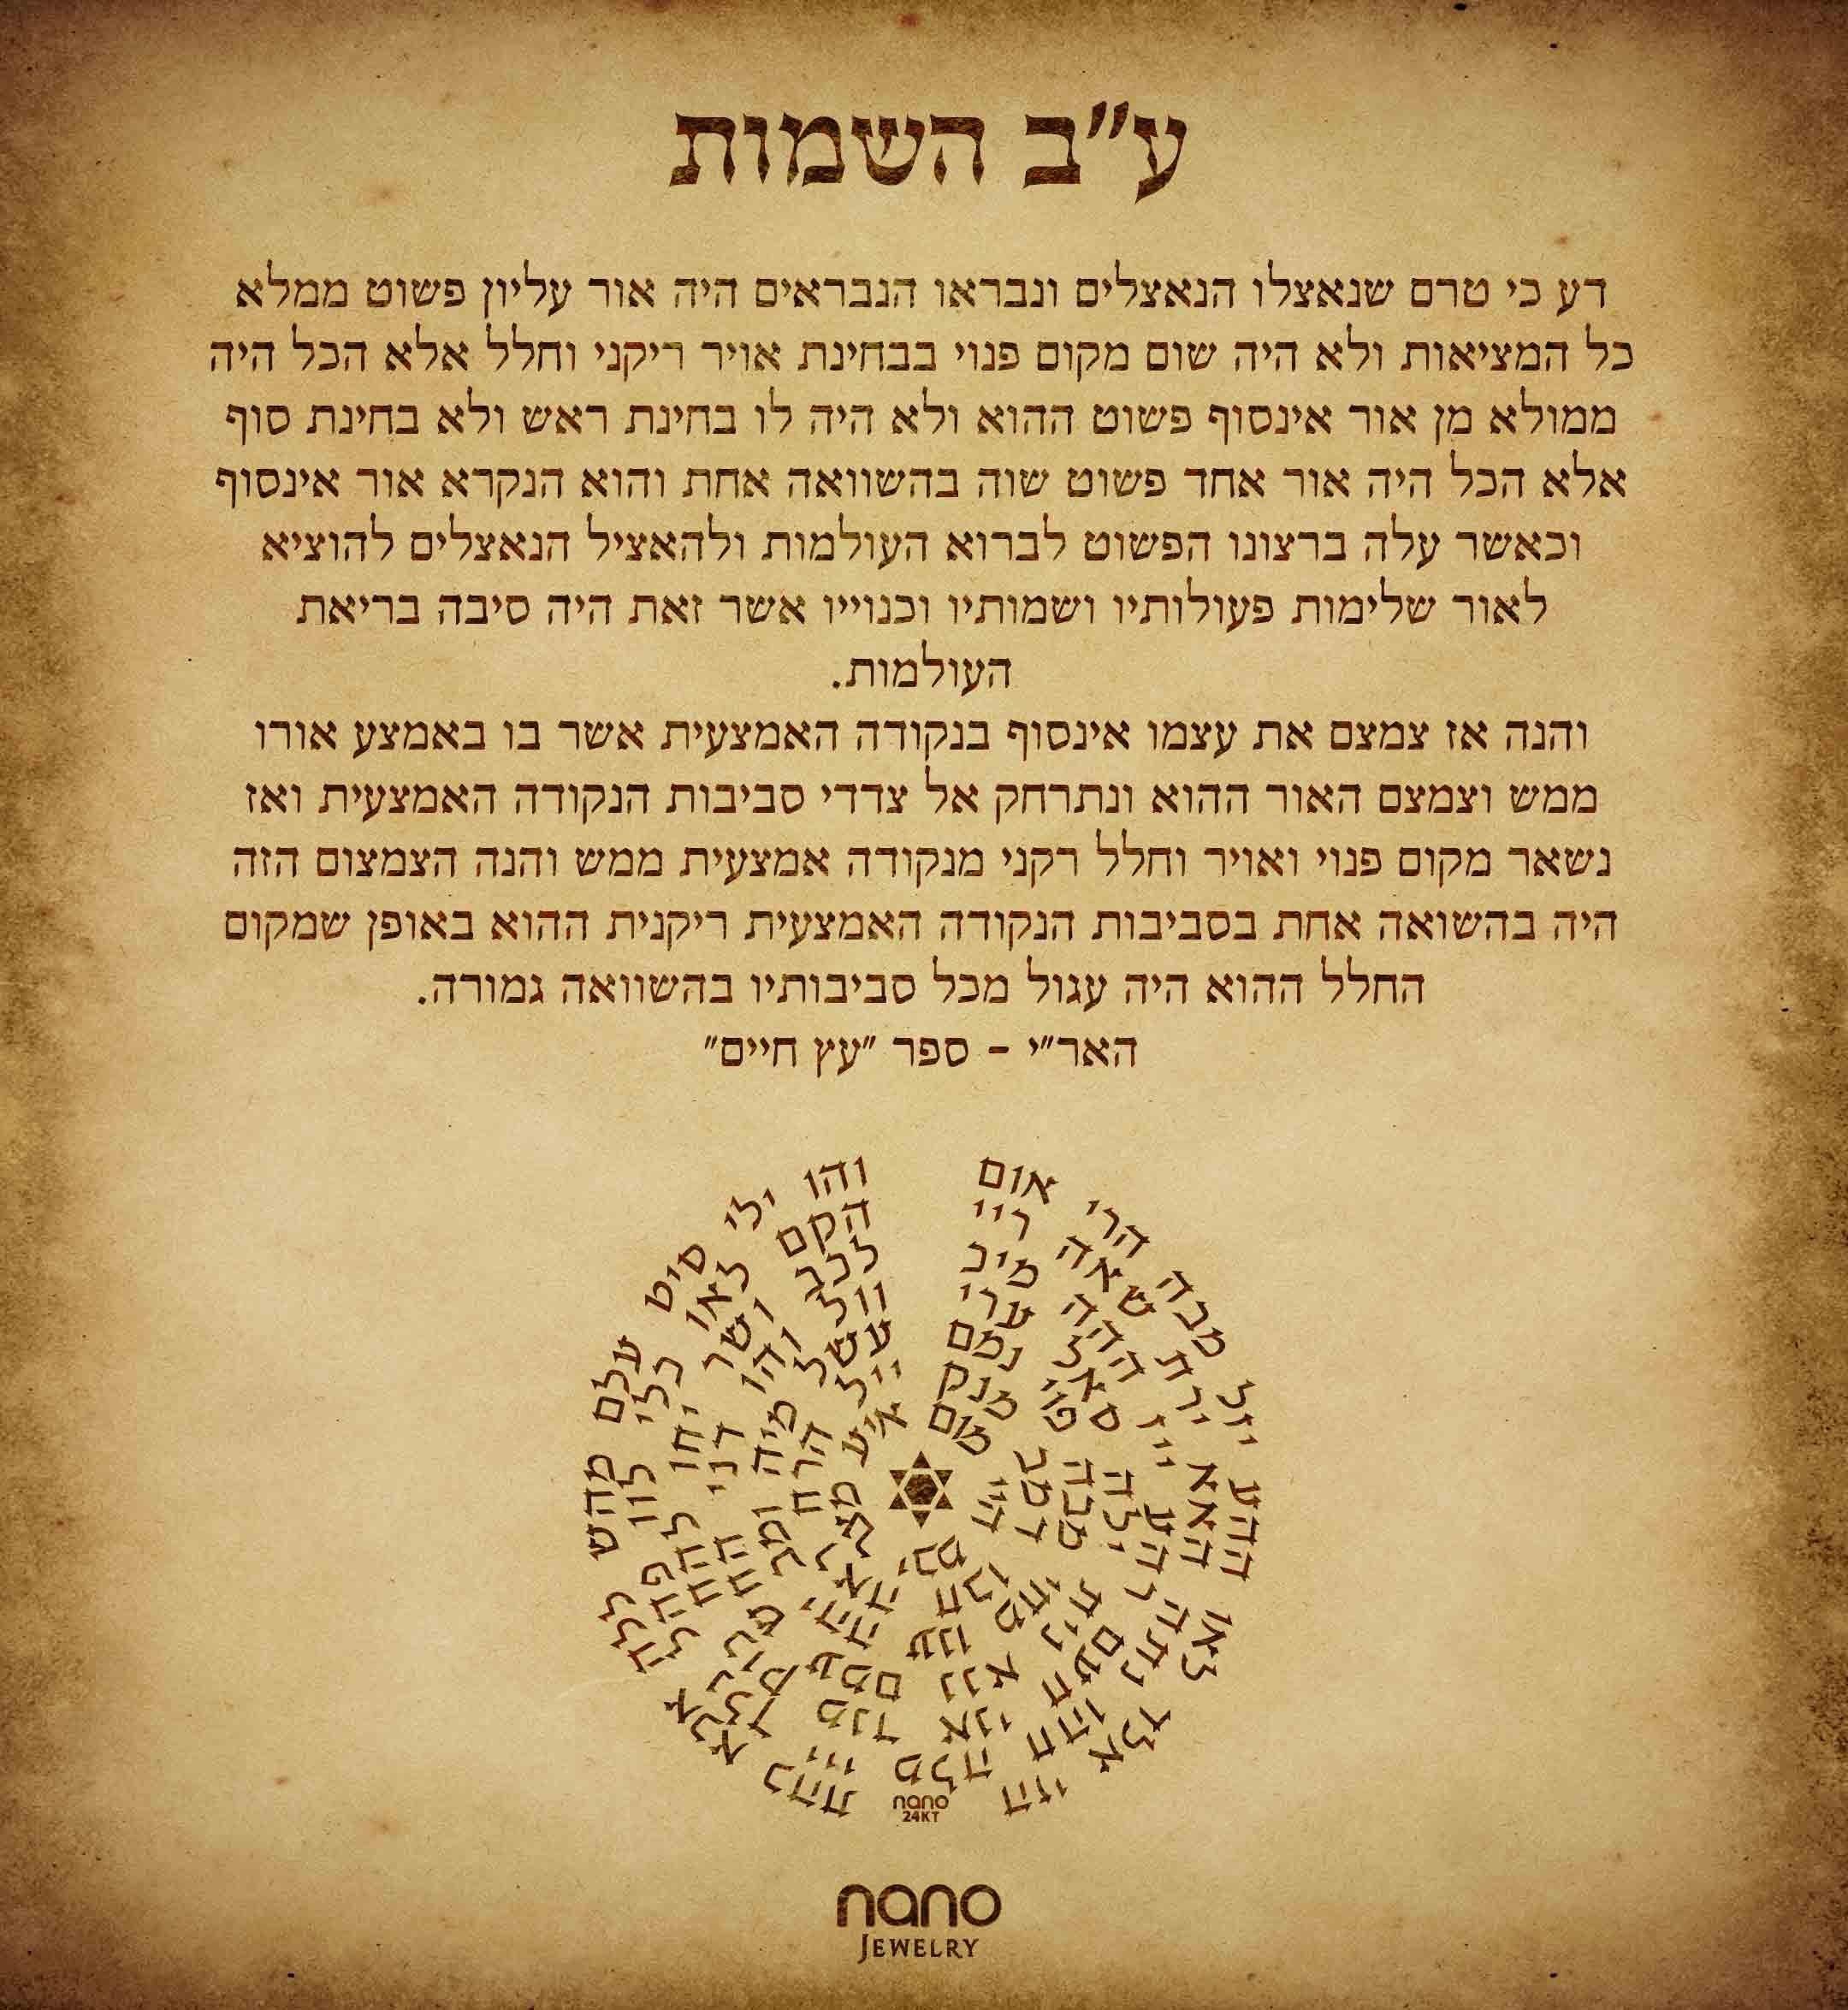 תליוני קבלה - מגן דוד שרשרת - עב שמות הבורא - נאנו תכשיטיםתליוני קבלה - מגן דוד שרשרת - עב שמות הבורא - נאנו תכשיטים